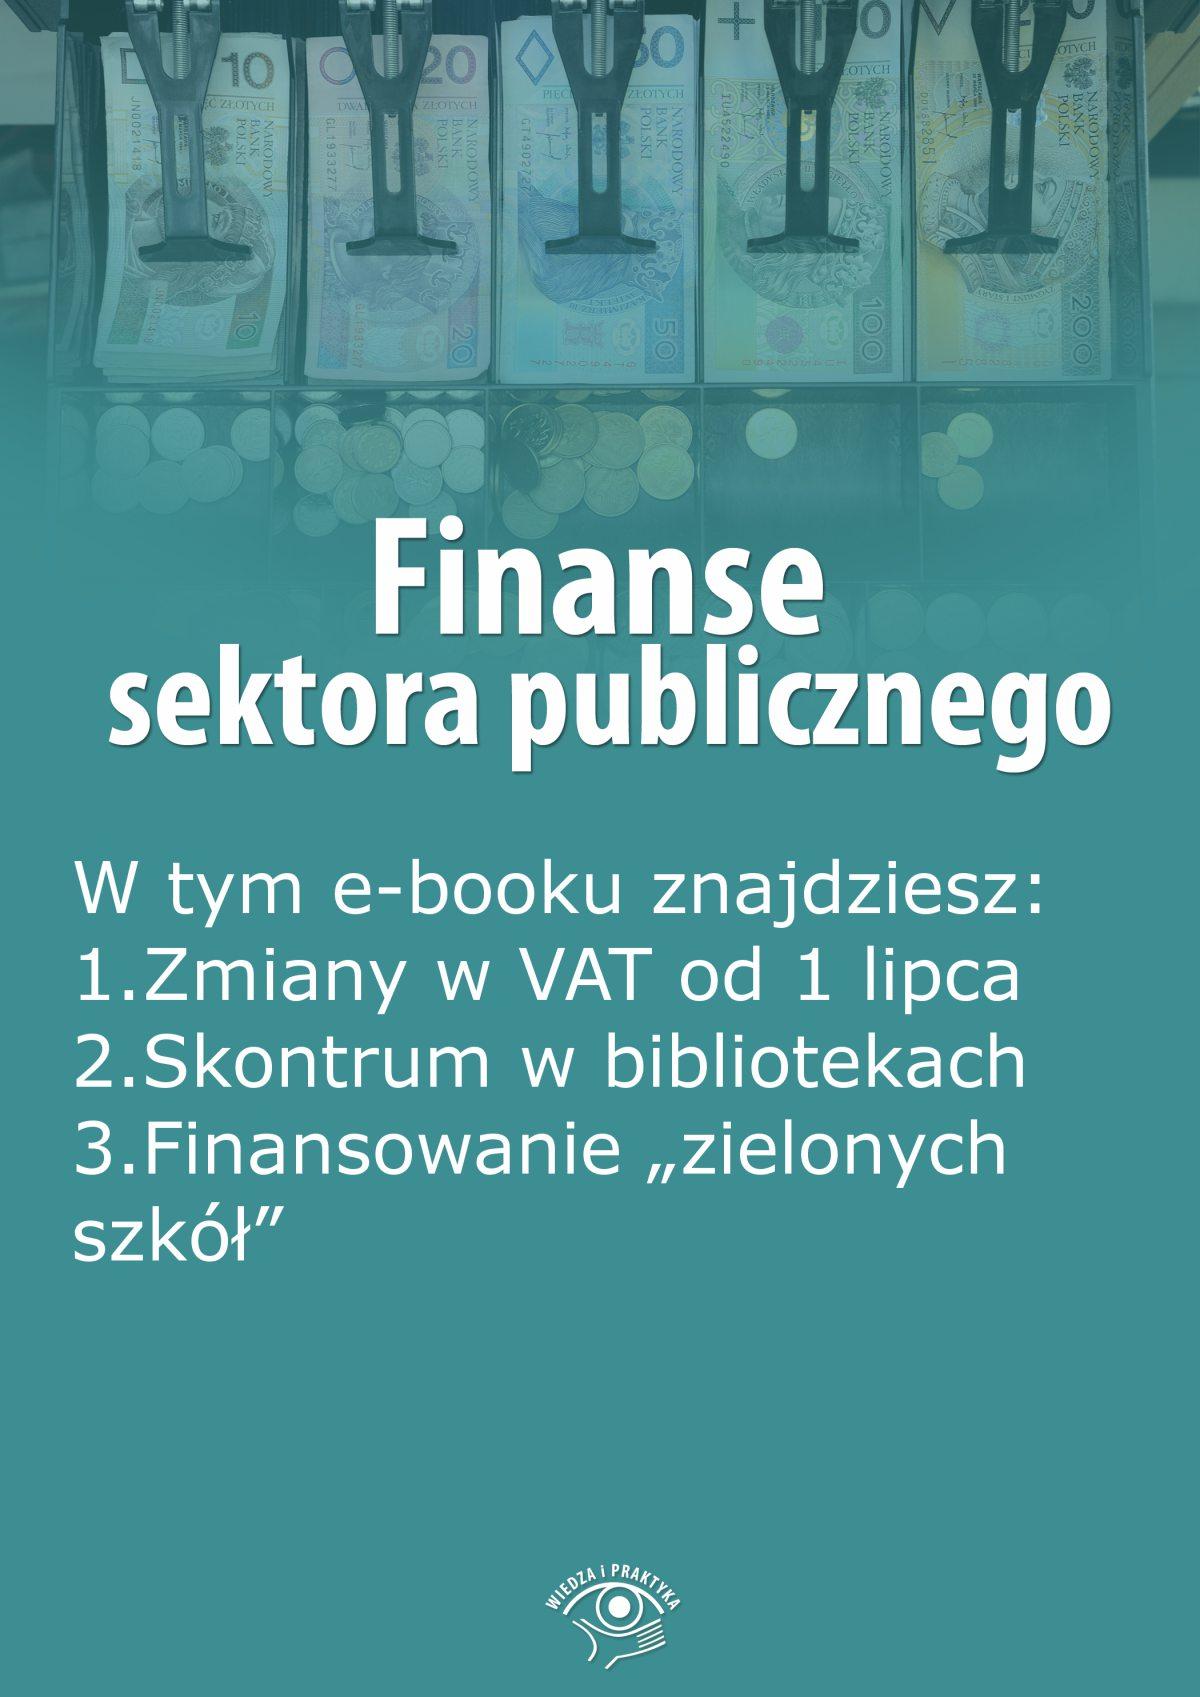 Finanse sektora publicznego, wydanie lipiec 2015 r. - Ebook (Książka EPUB) do pobrania w formacie EPUB